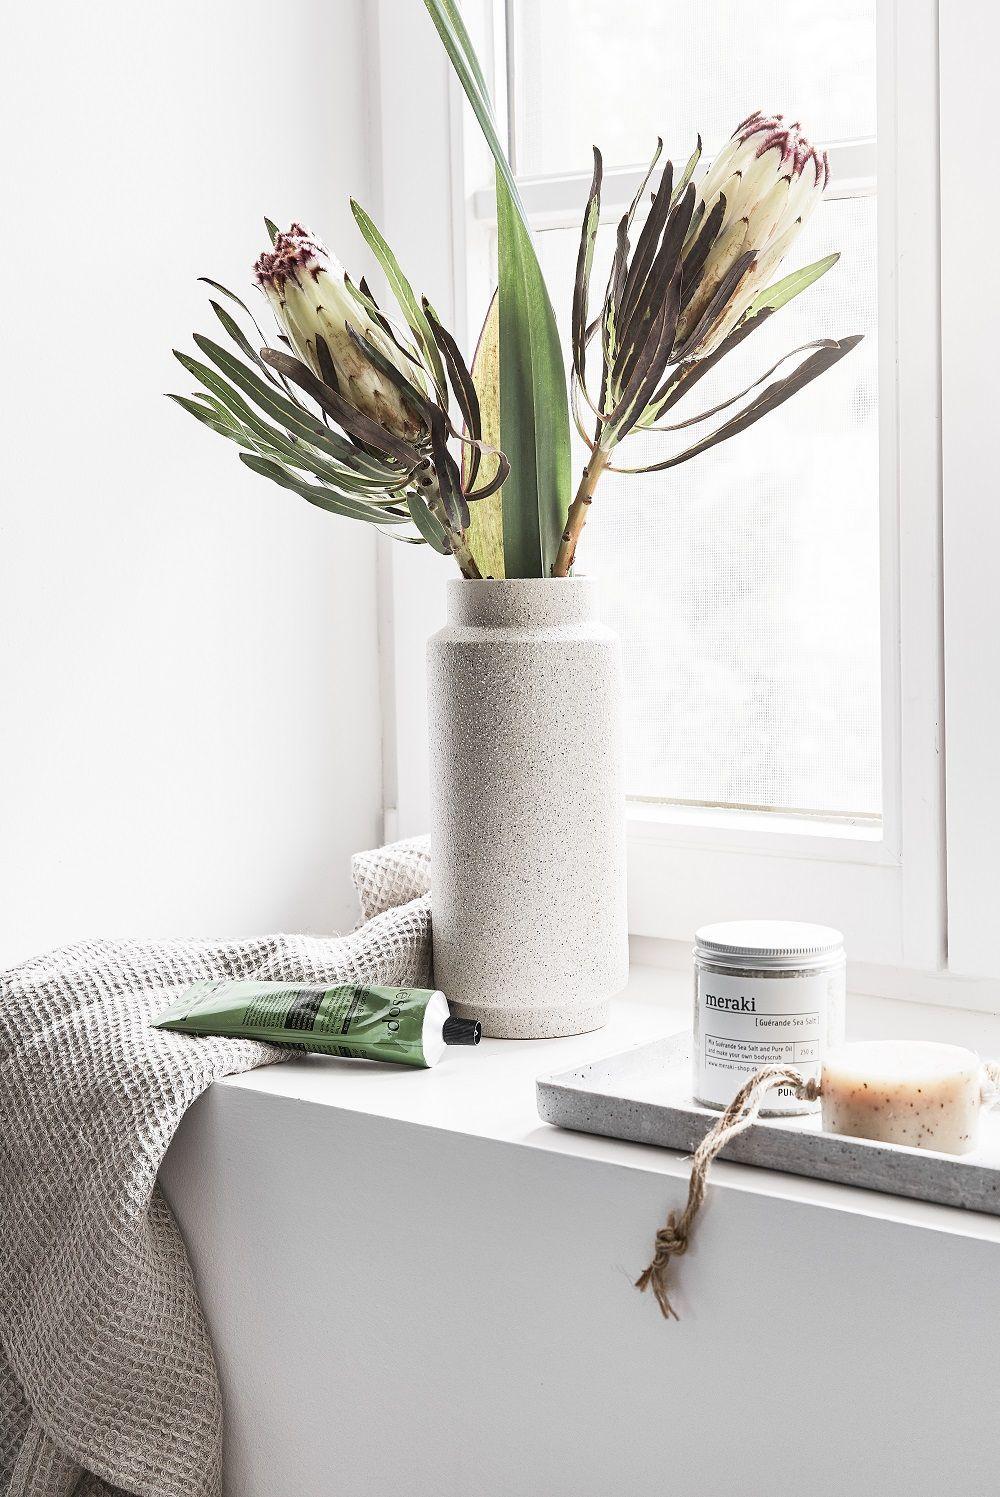 Organic Beauty Meraki Bringt Uns Nicht Nur Mit Stylischen Produktverpackungen Ins Schwarmen Auc Mit Bildern Badezimmer Ohne Fenster Dekoration Badezimmer Badezimmerideen